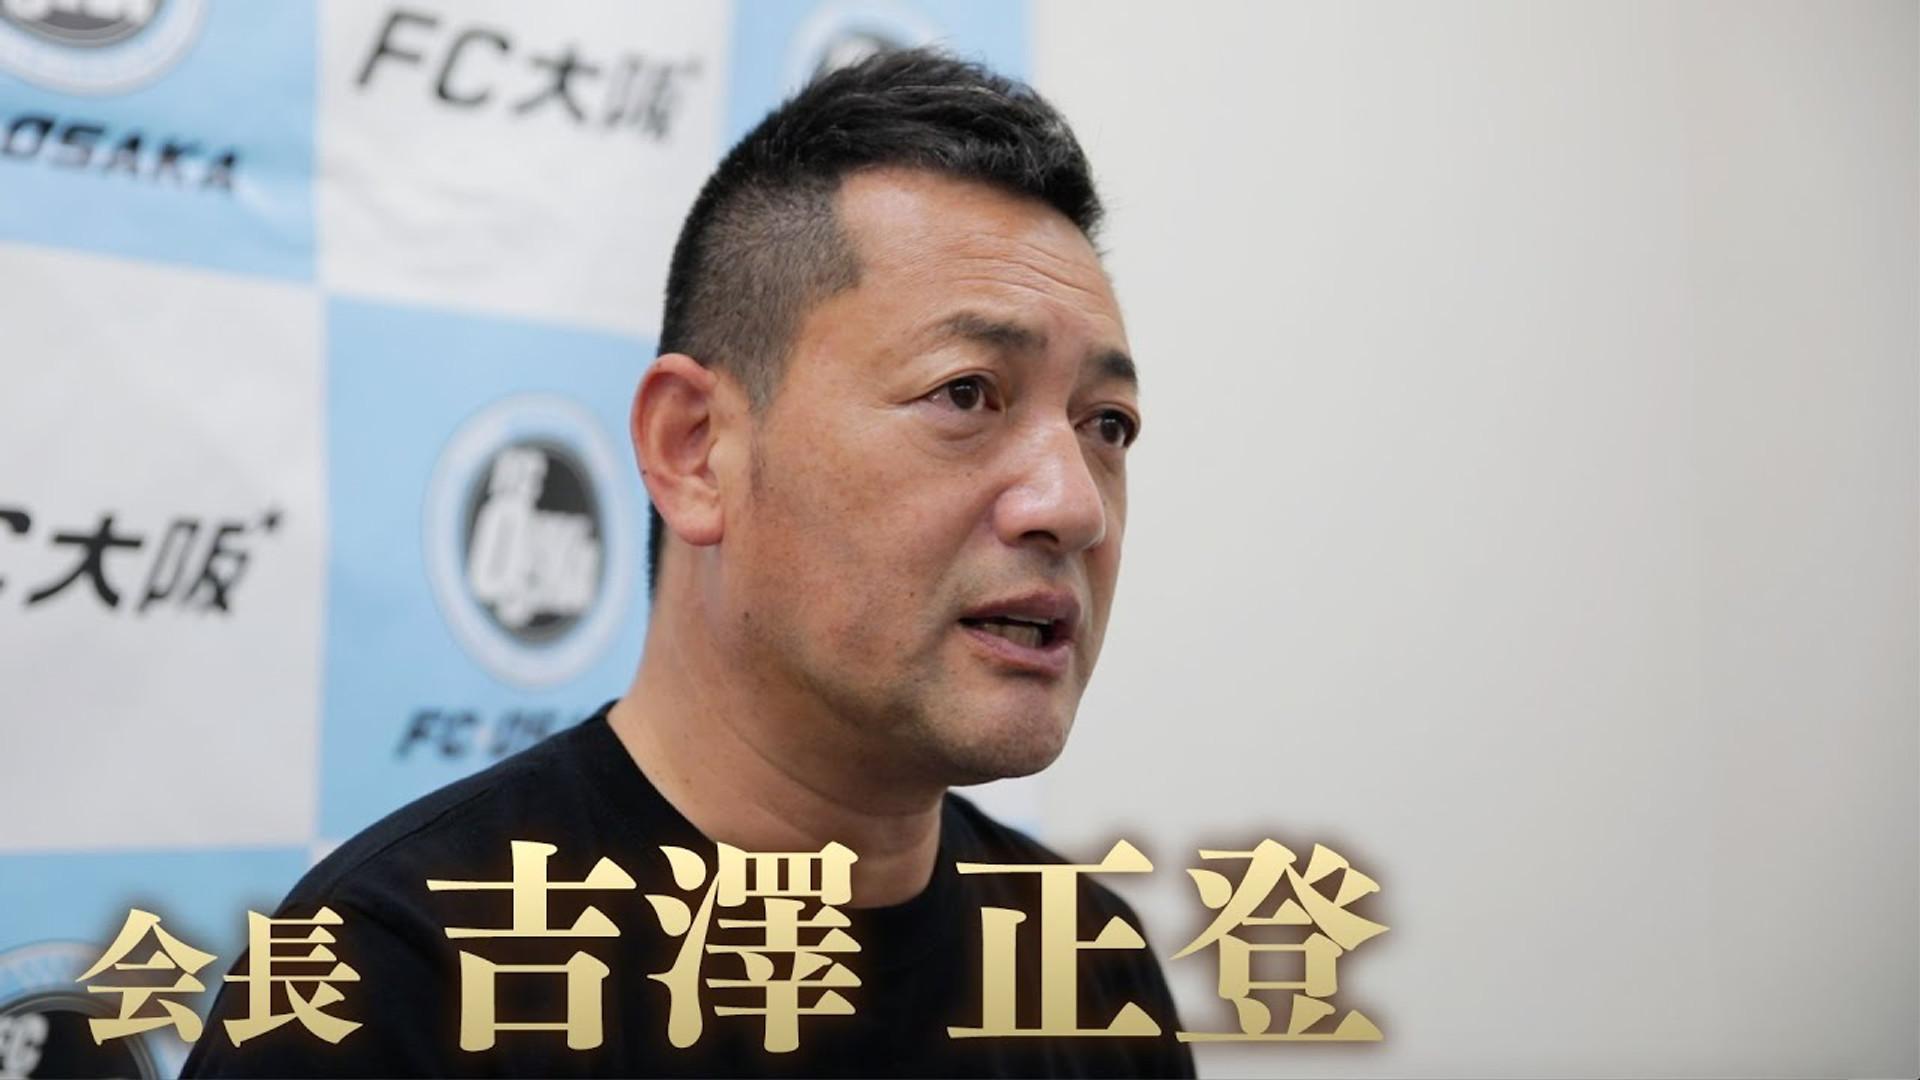 FC大阪 吉澤会長